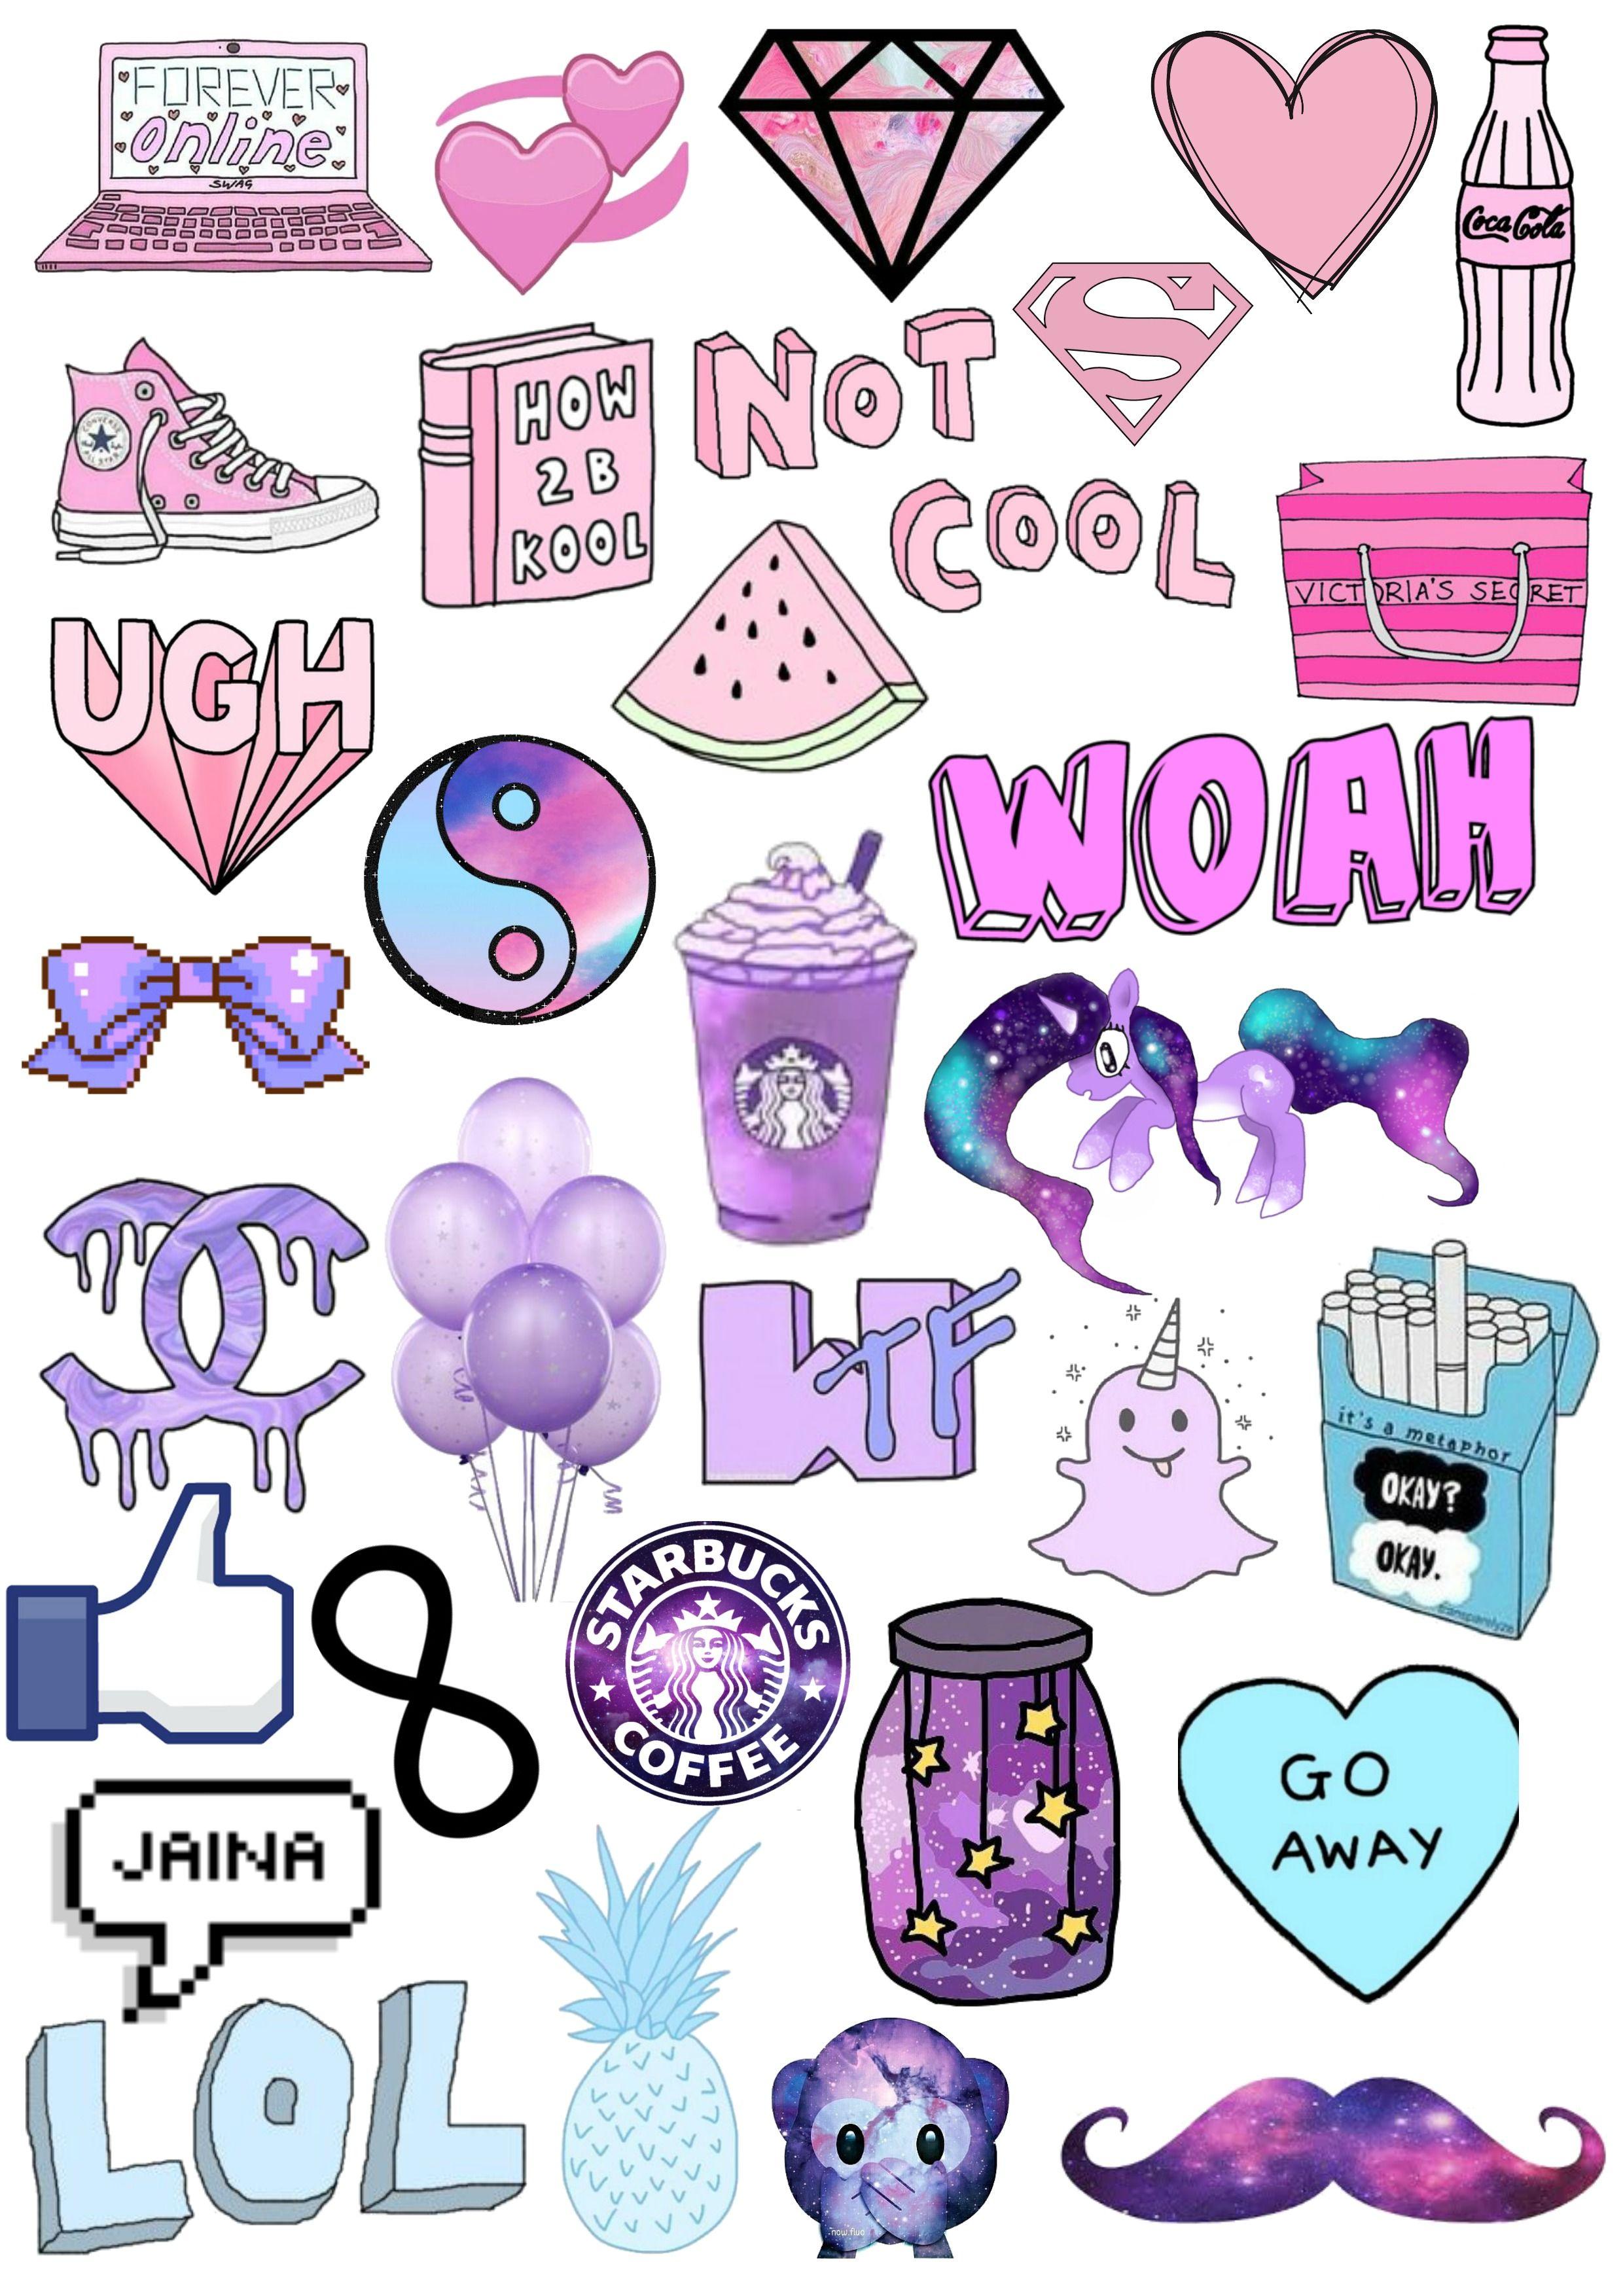 Tumblr collage.